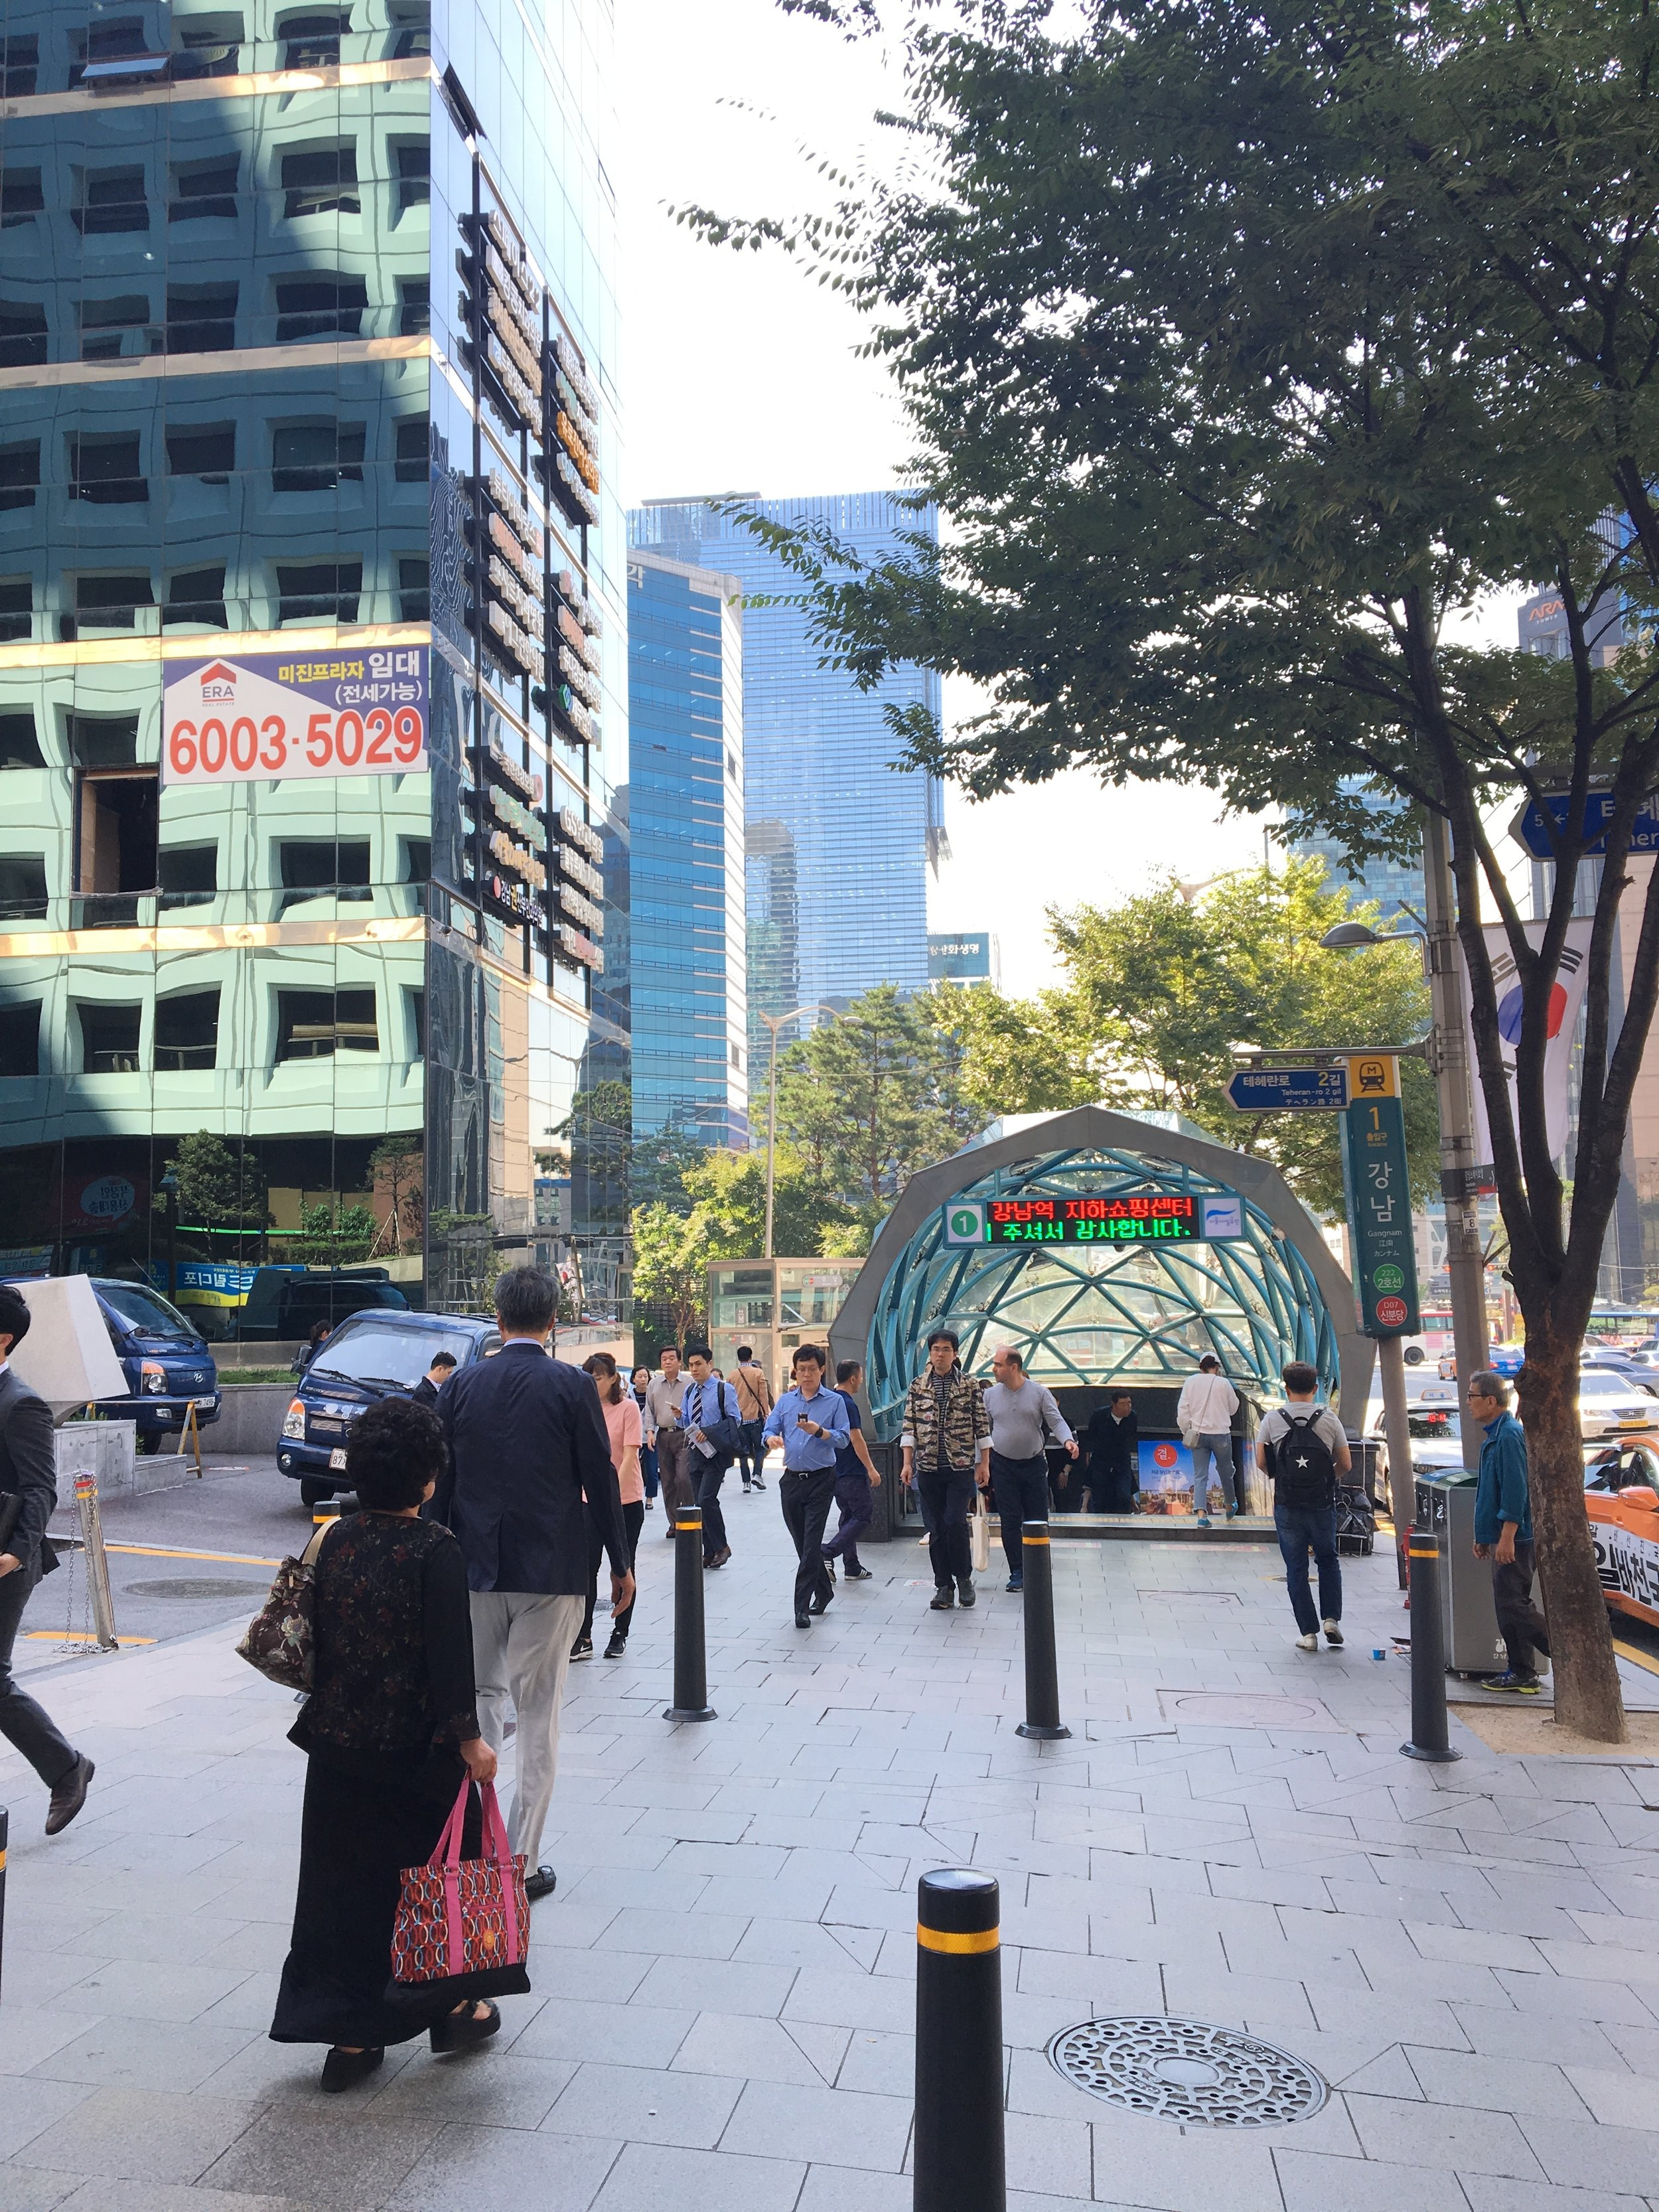 3. 在1號出口處向左轉 - When you get to Gangnam Station Exit #1, please take a left turn and you will see next picture.